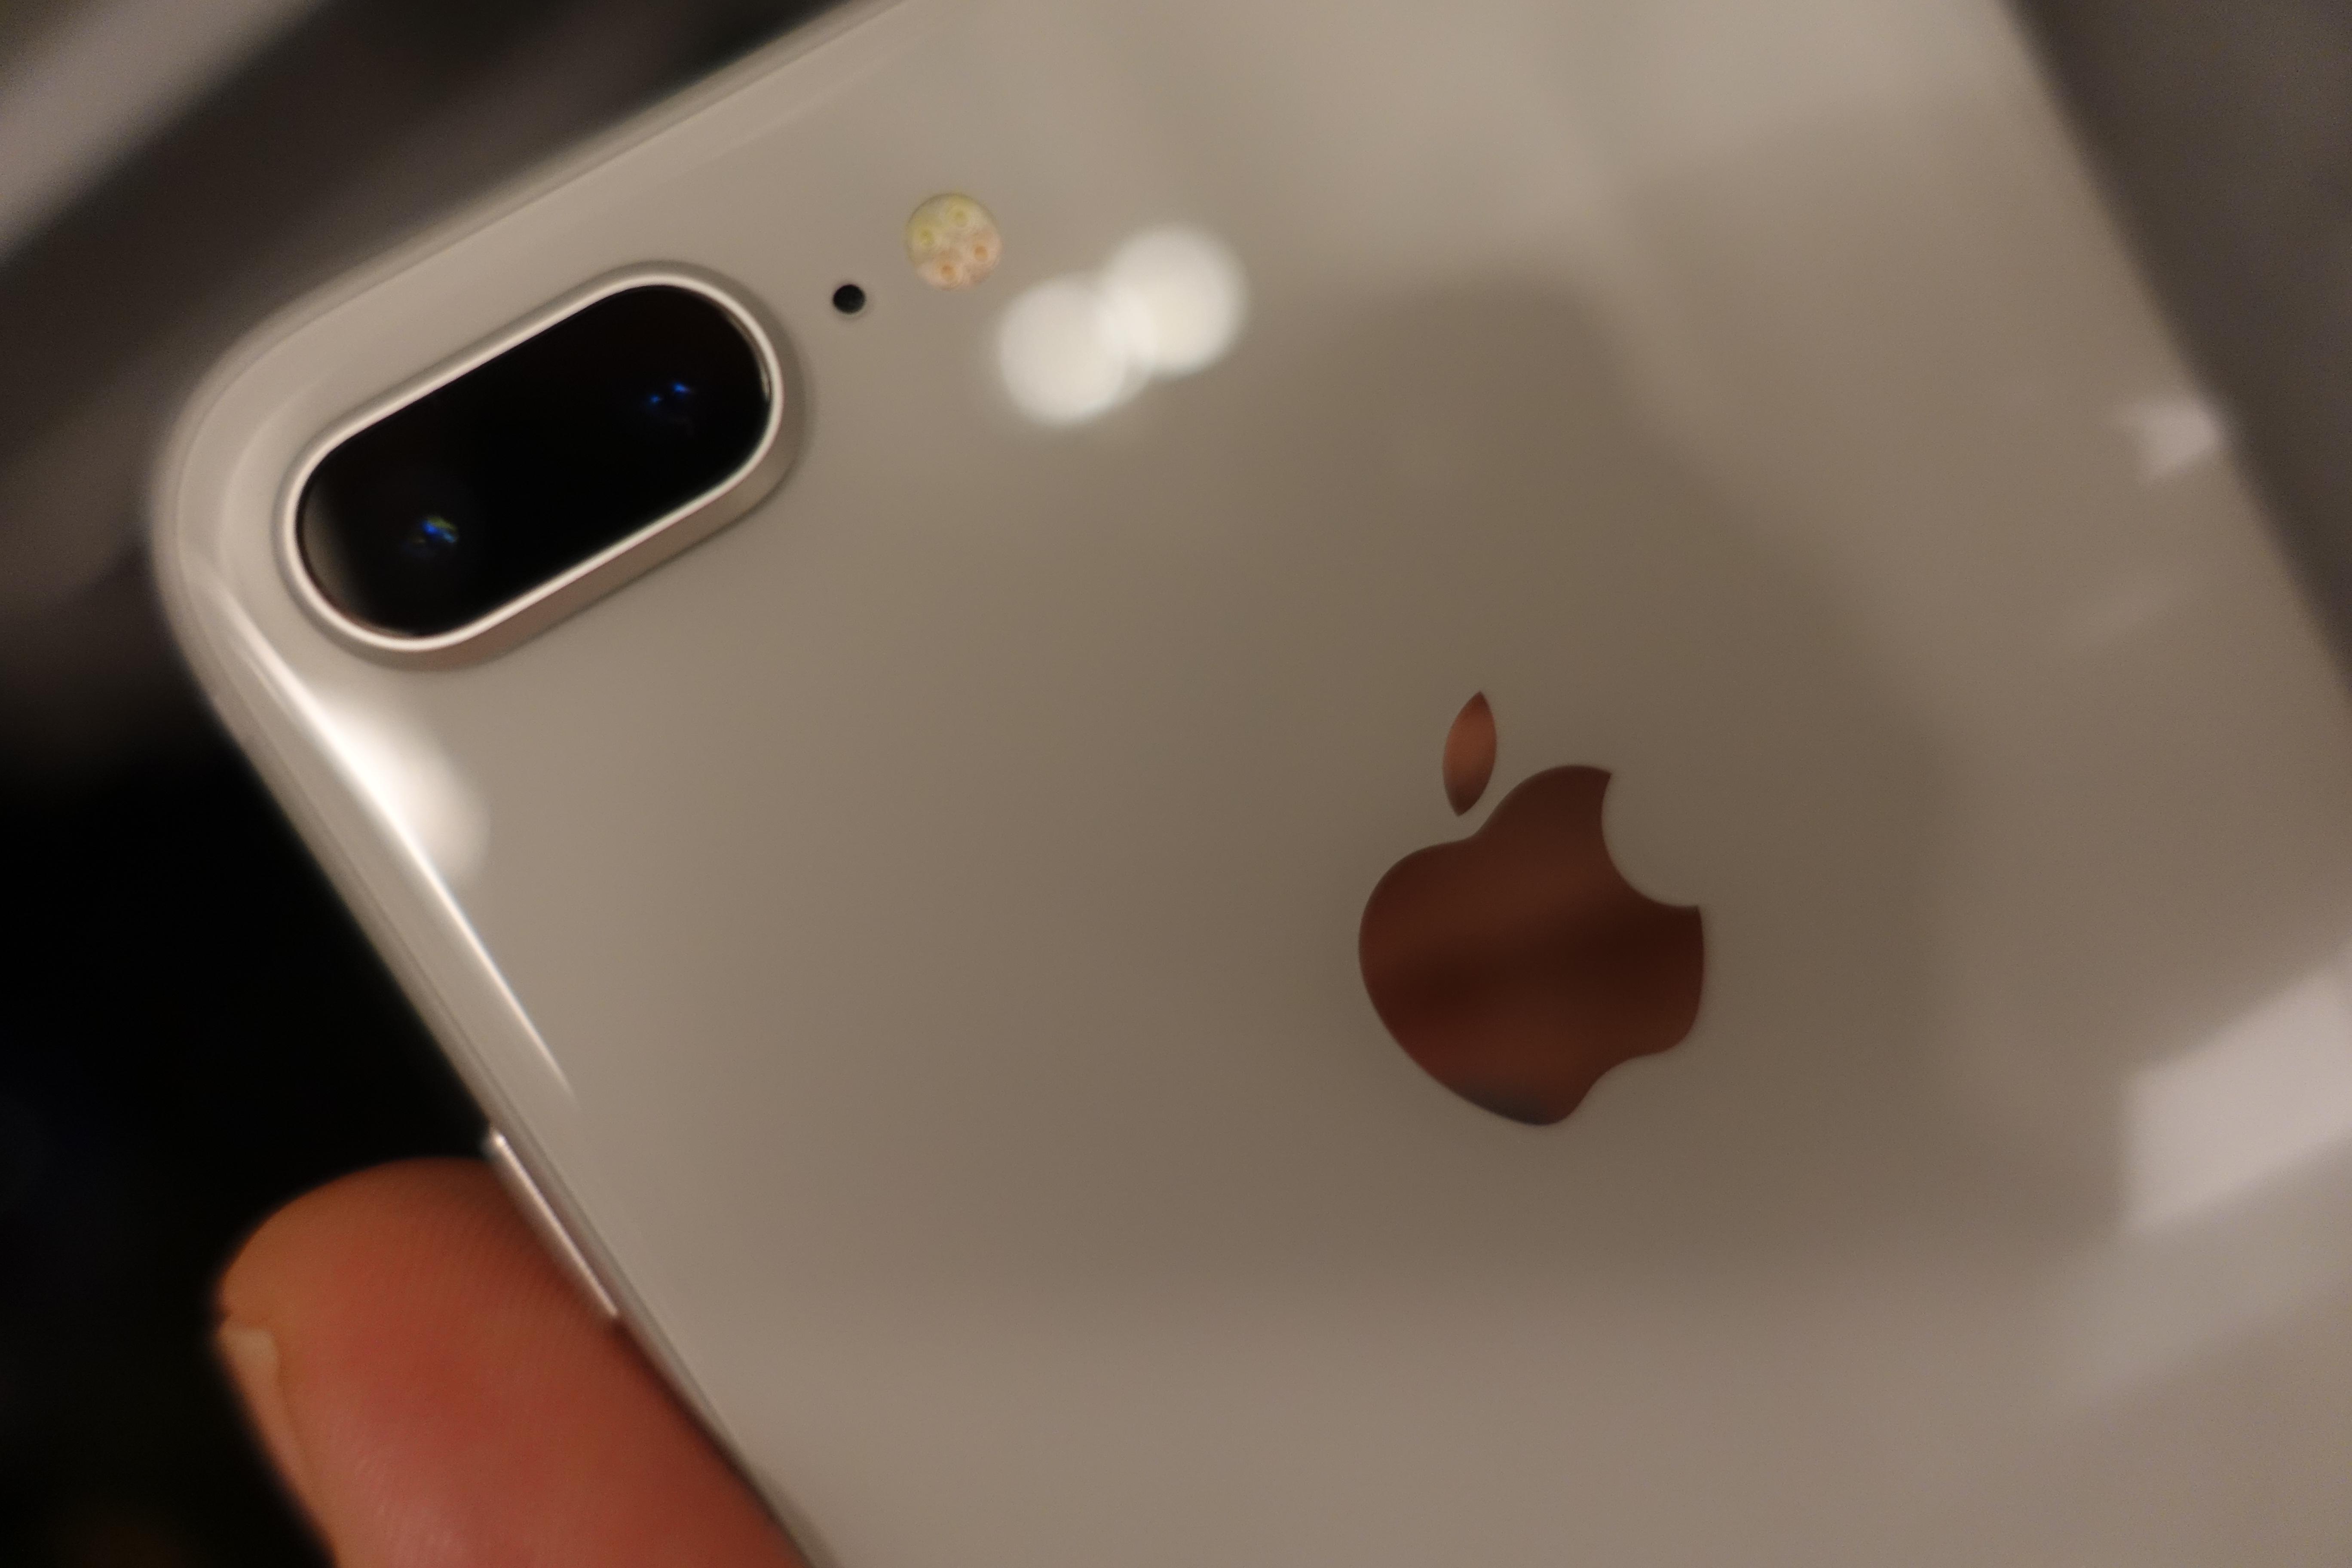 Hvordan synes du iPhone 8 Plus gjør det mot Note 8?